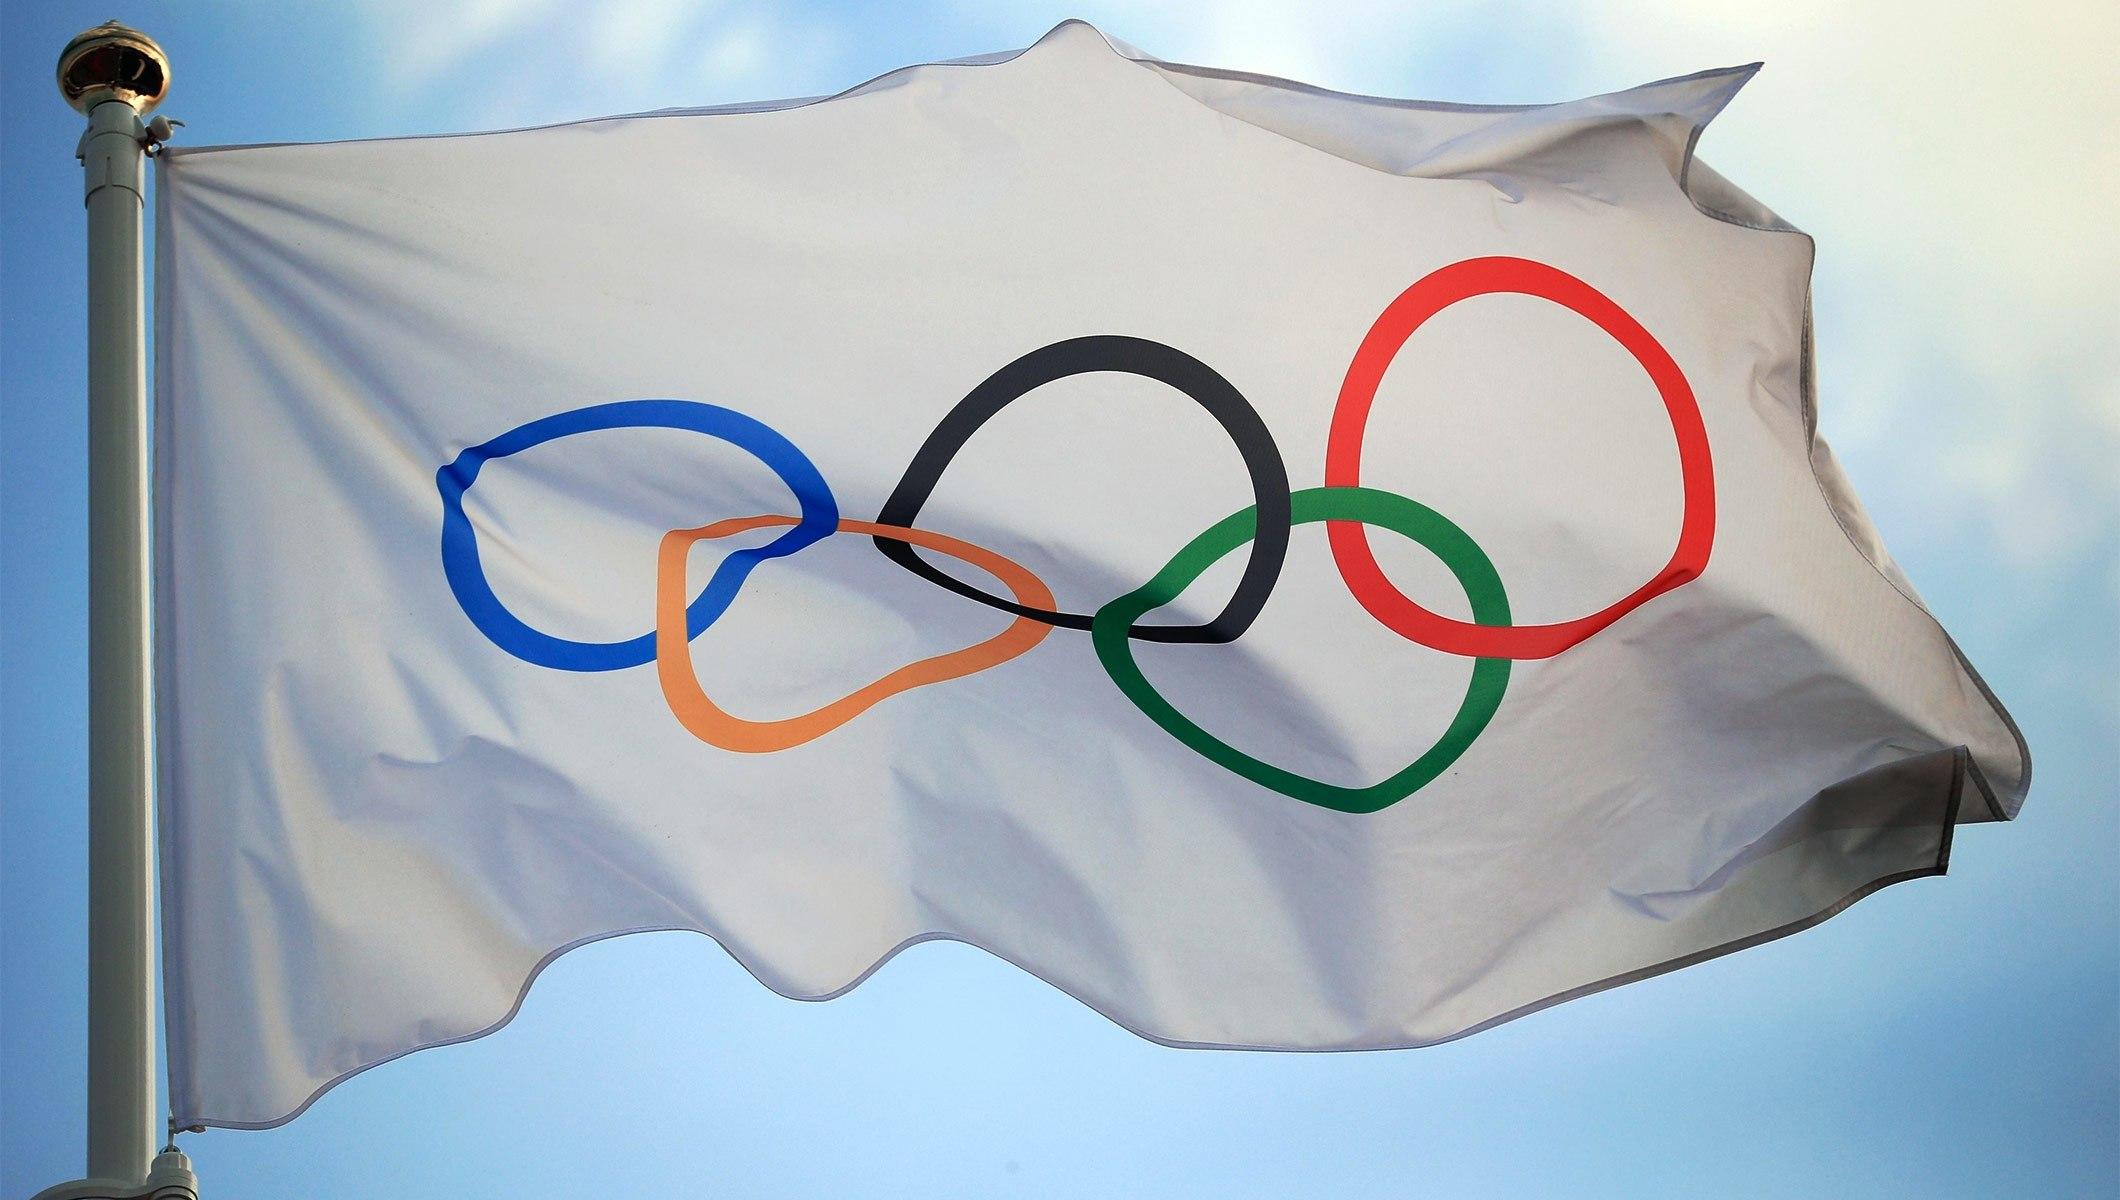 На Олимпиаде из-за вспышки рвоты и диареи заменили 1200 охранников